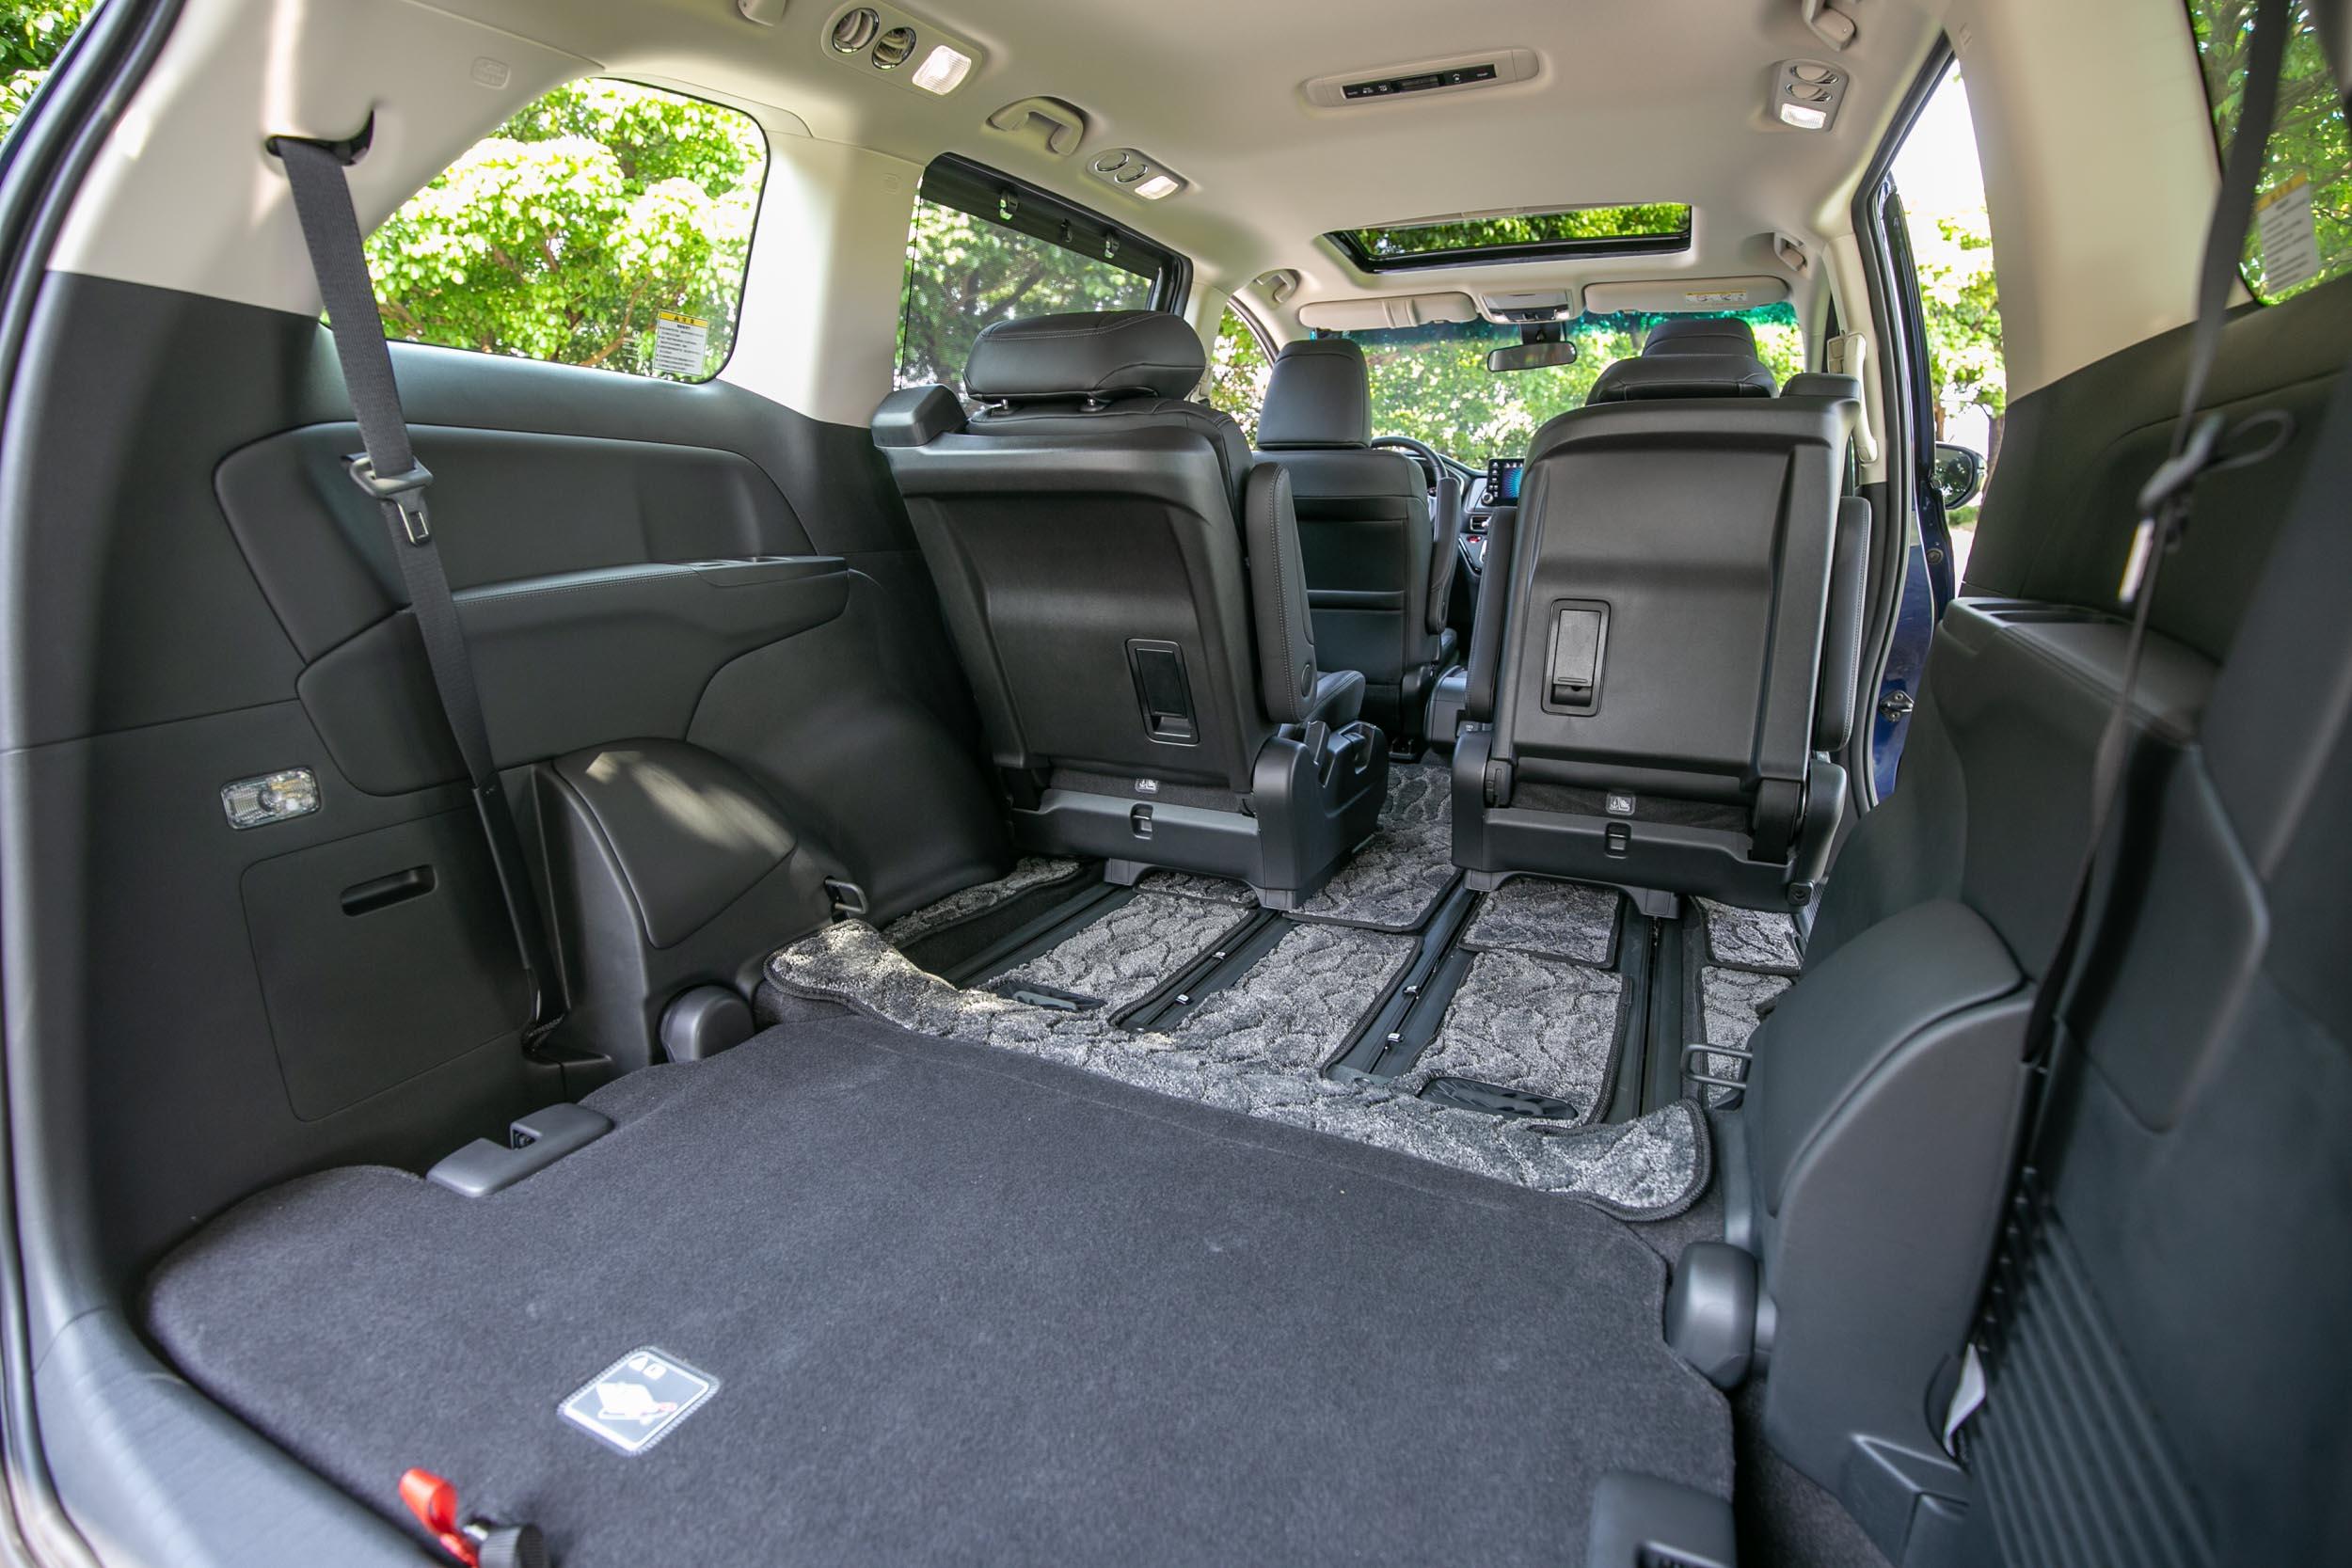 第三排座椅收納、第二排椅背前傾後,可營造相當寬敞平整的置物空間。